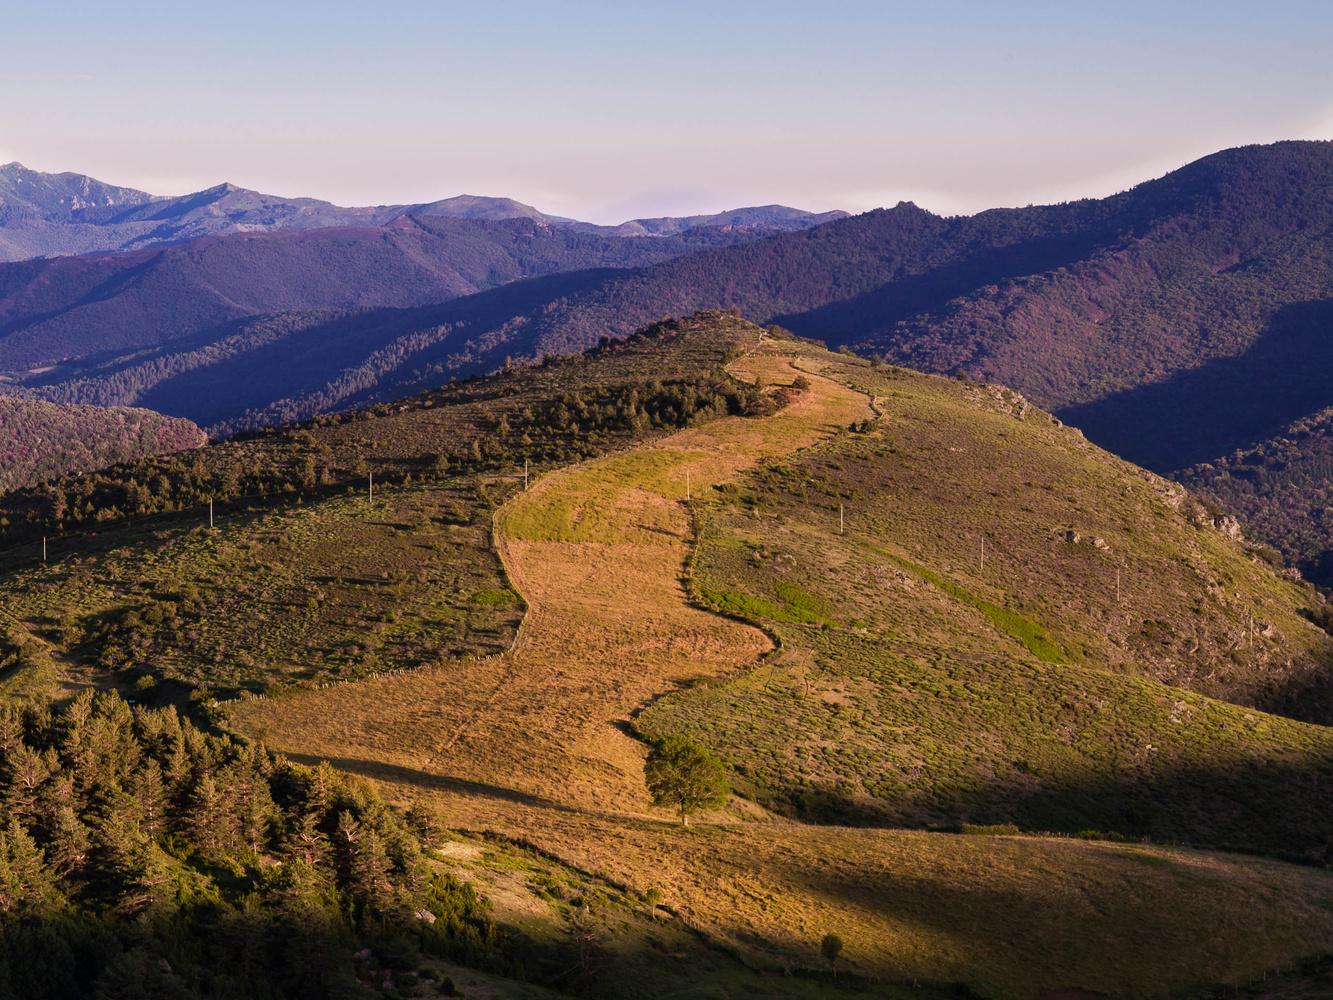 Meadow in landscape by david huguet